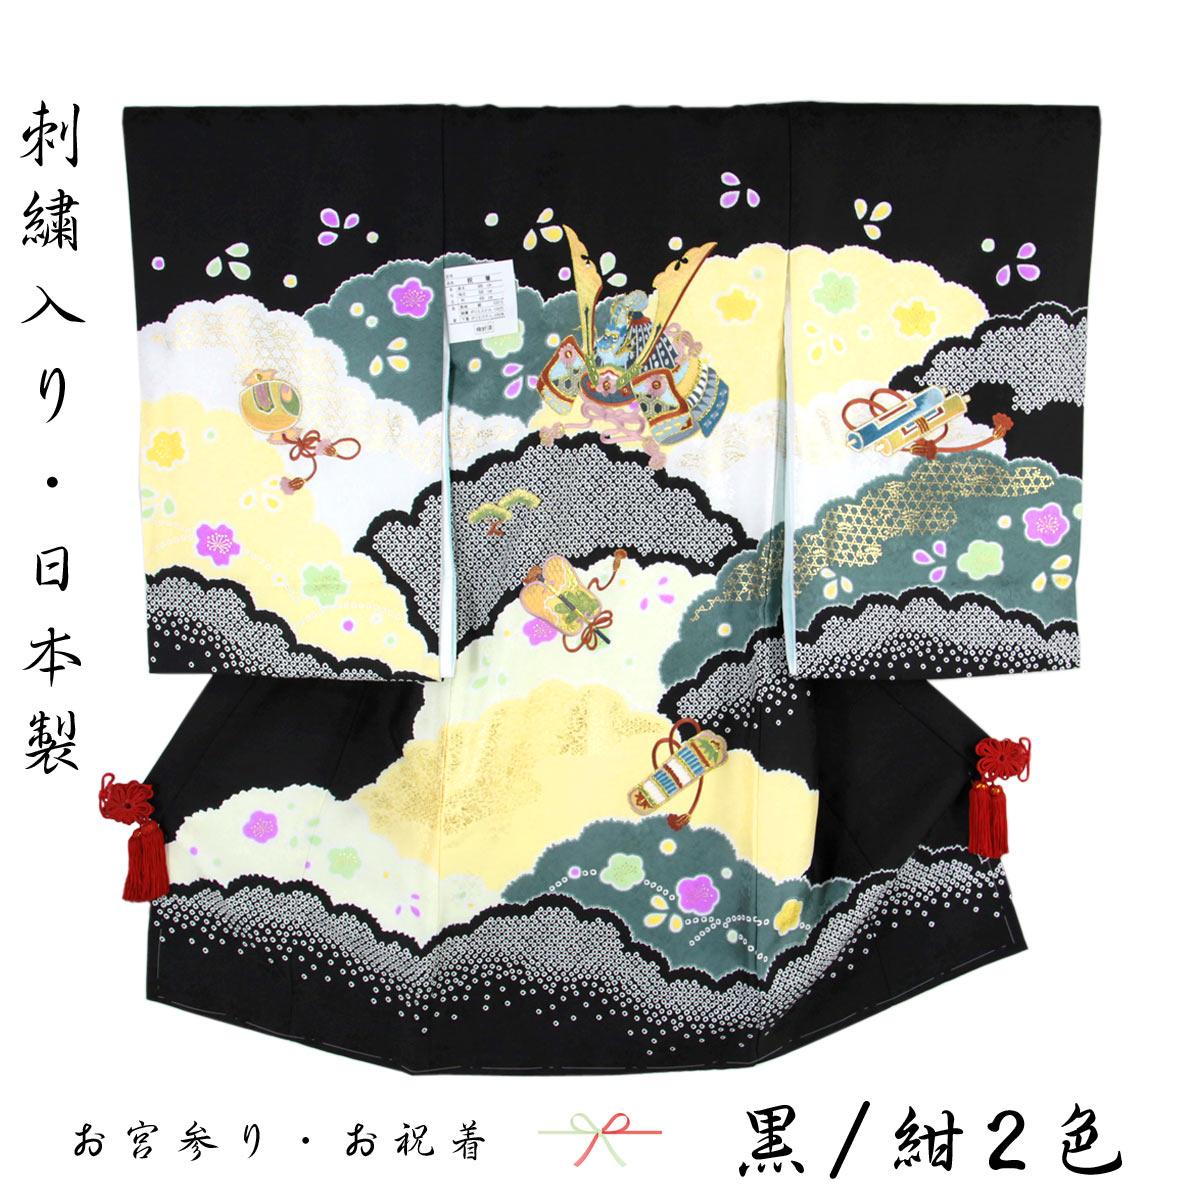 宮参り着物 -5- 祝着 お宮参り 男の子 初着 百日祝い 日本製 黒 紺 兜 龍 刺繍 桜 吉祥